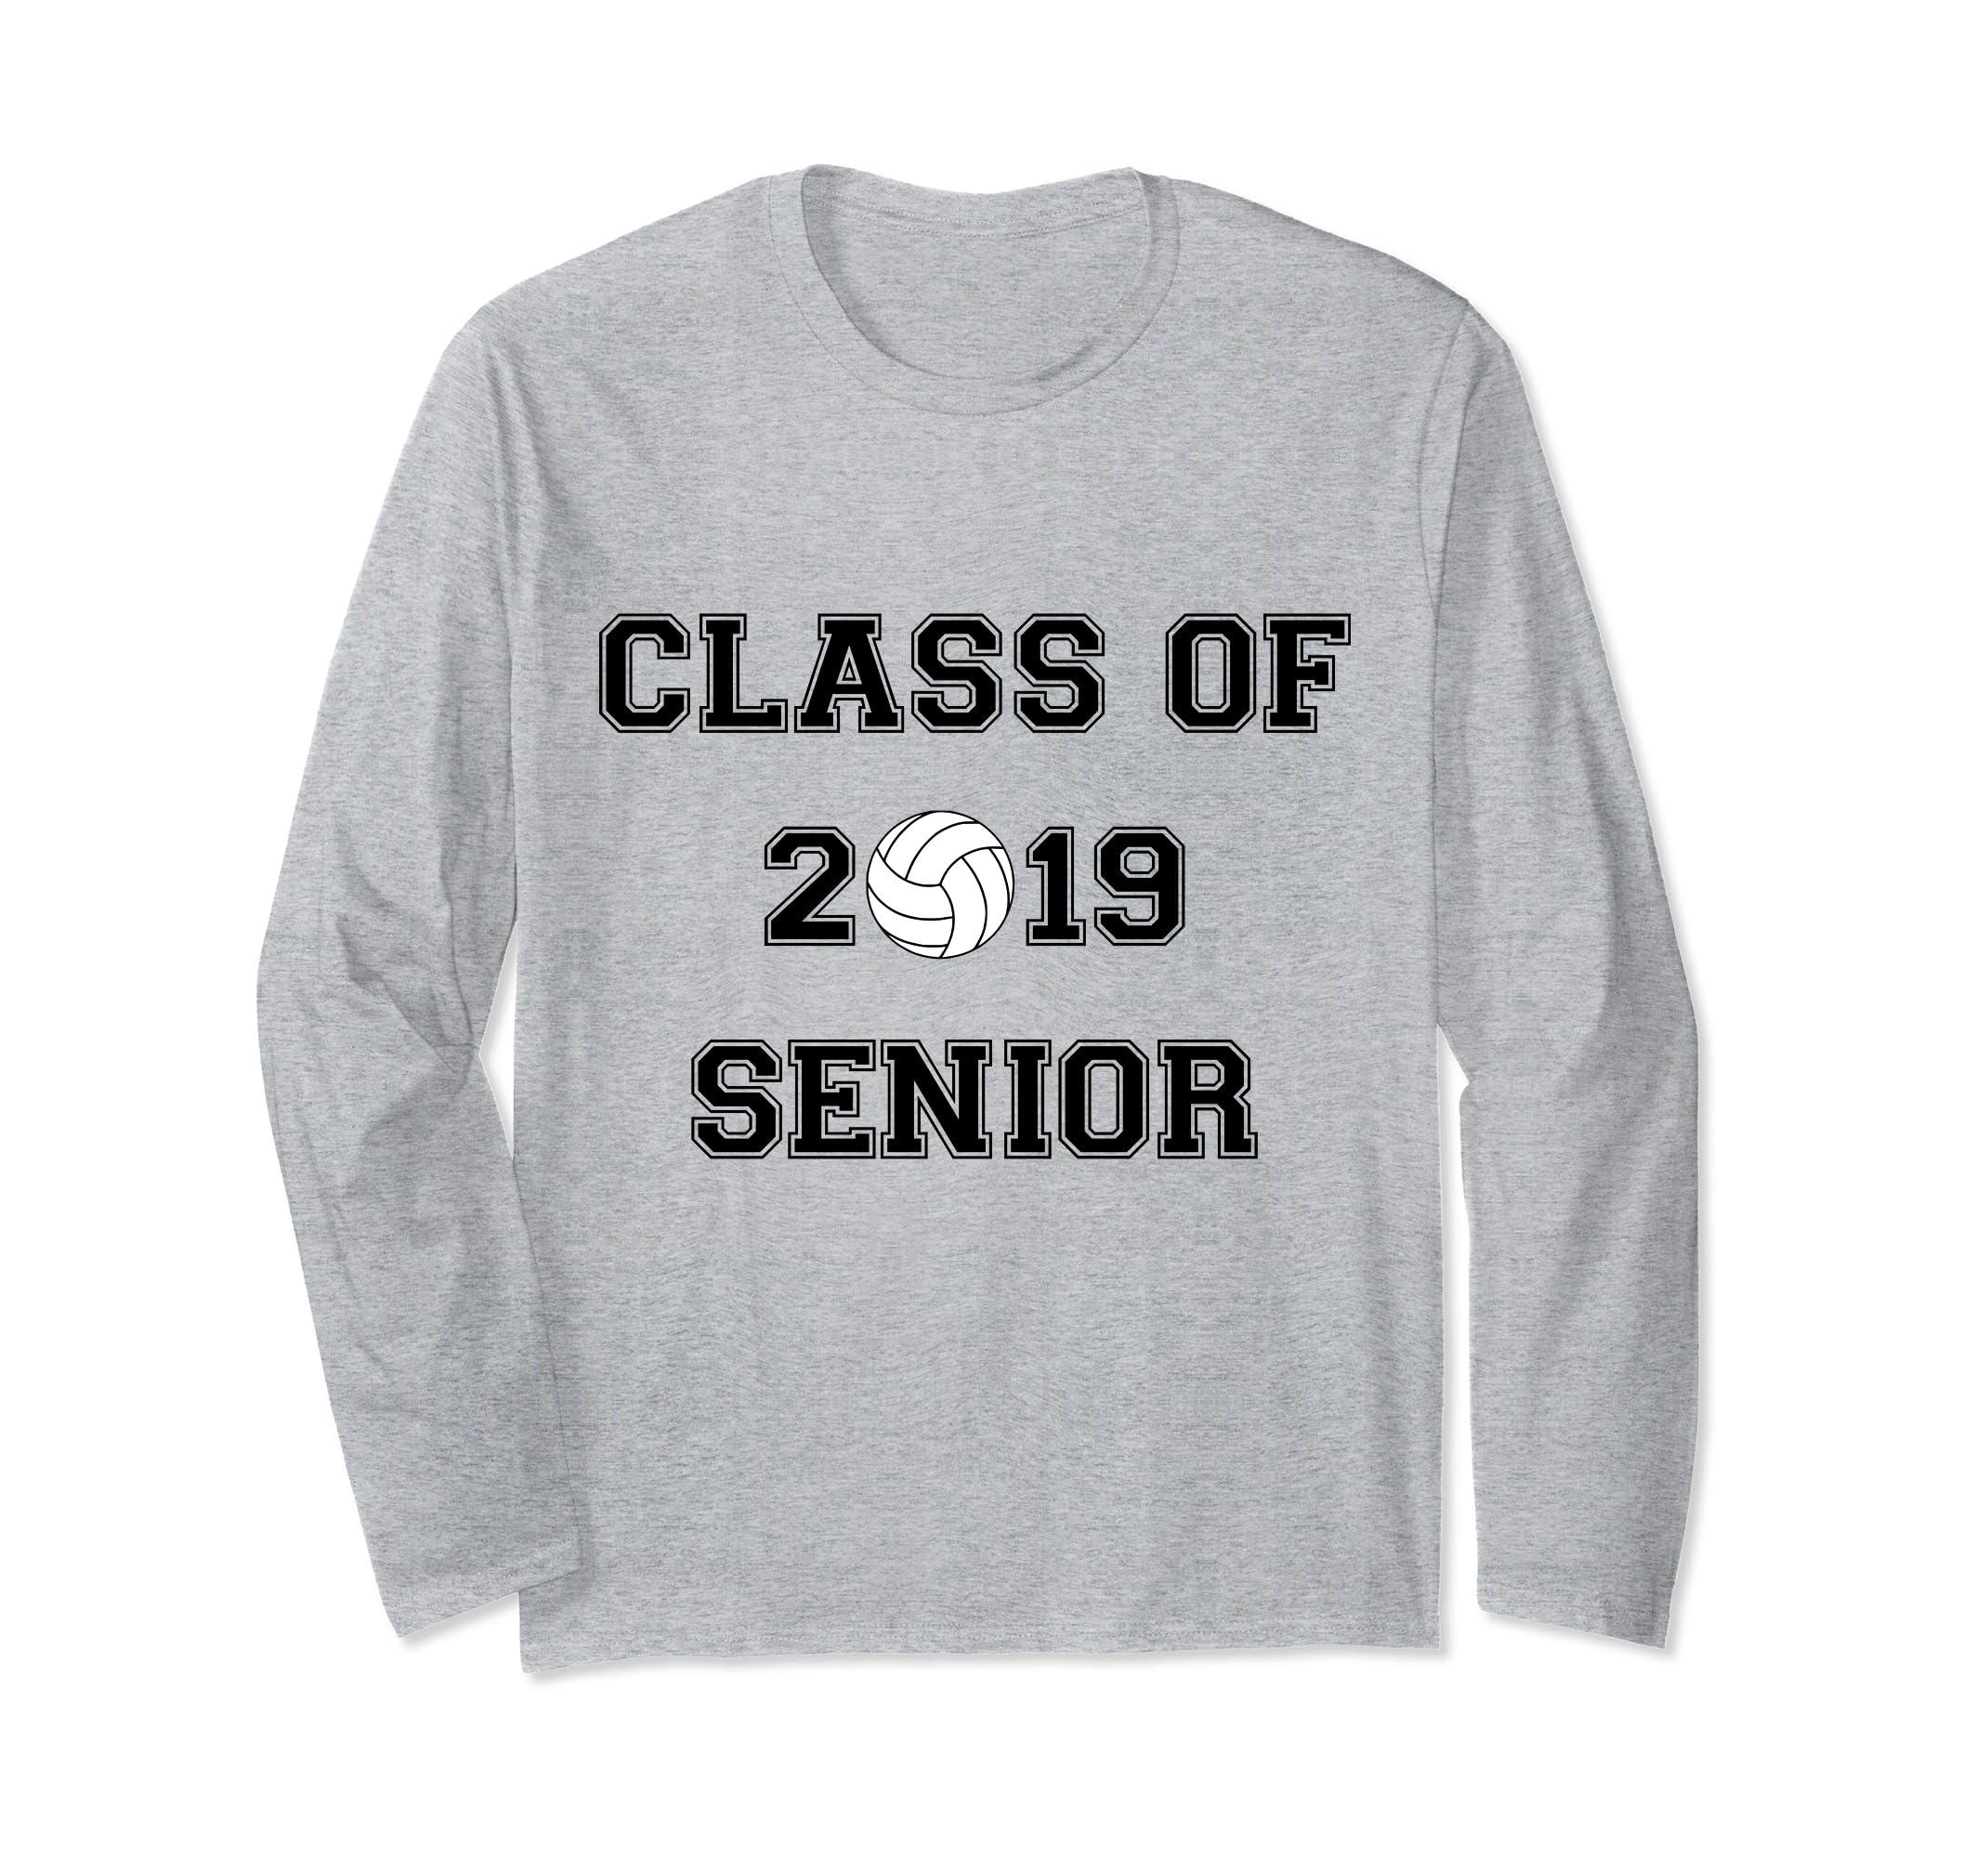 CLASS OF 2019 SENIOR VOLLEYBALL GRADUATION LONG SLEEVE SHIRT-ln